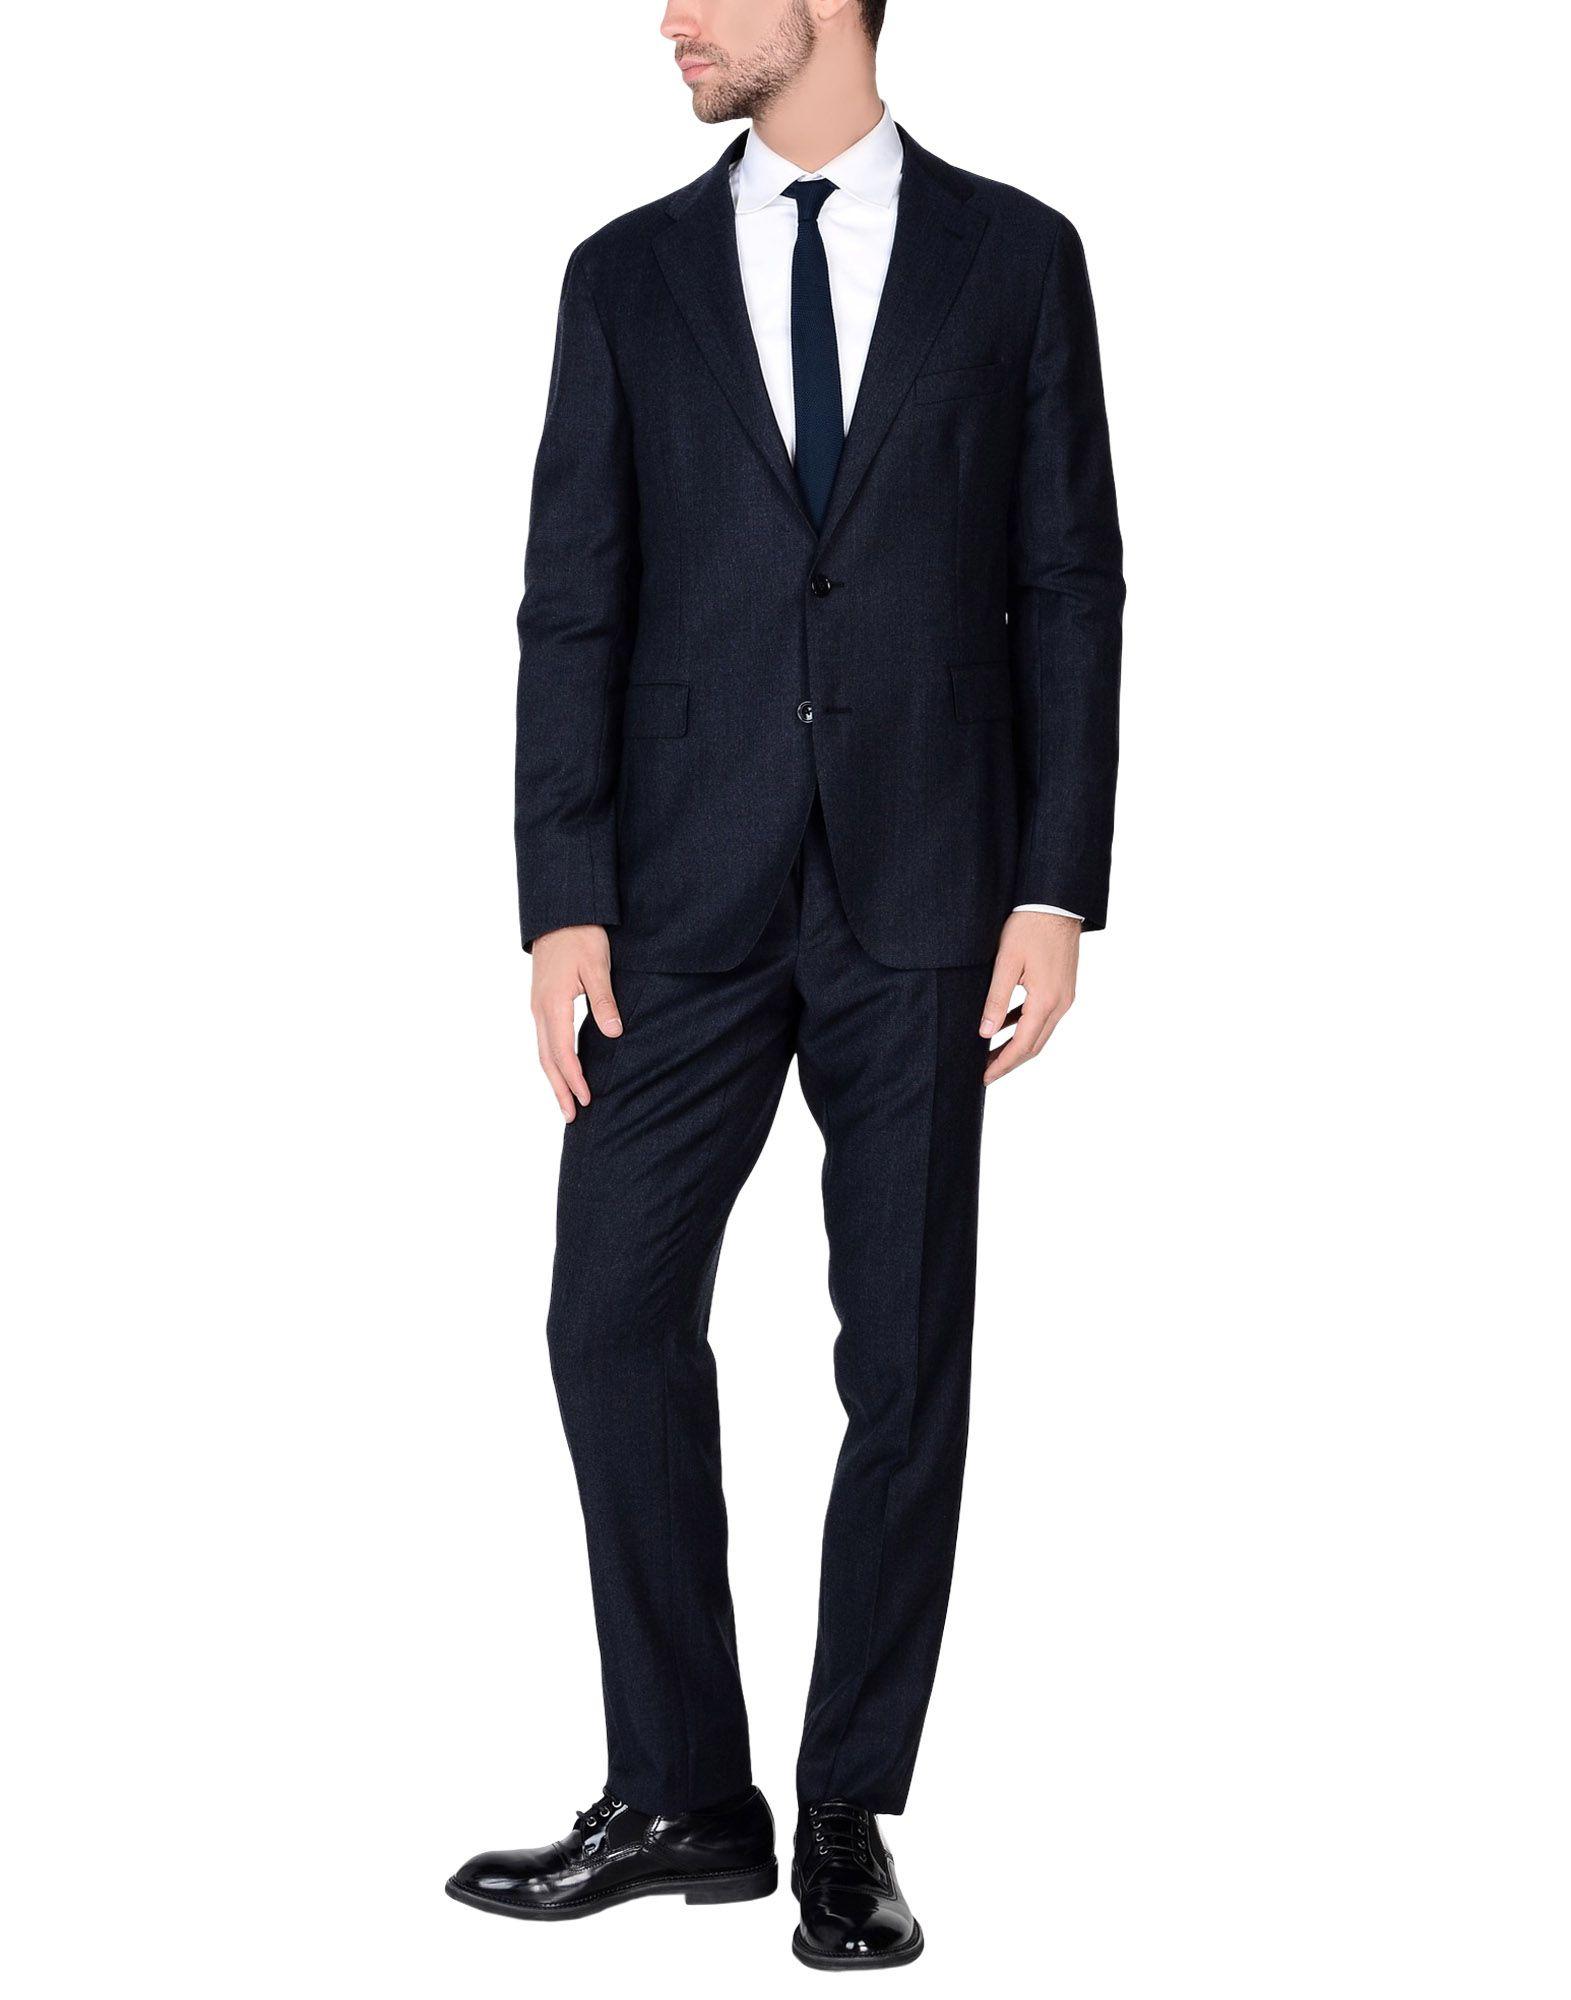 《送料無料》TAGLIATORE メンズ スーツ ダークブルー 54 スーパー110 ウール 100%